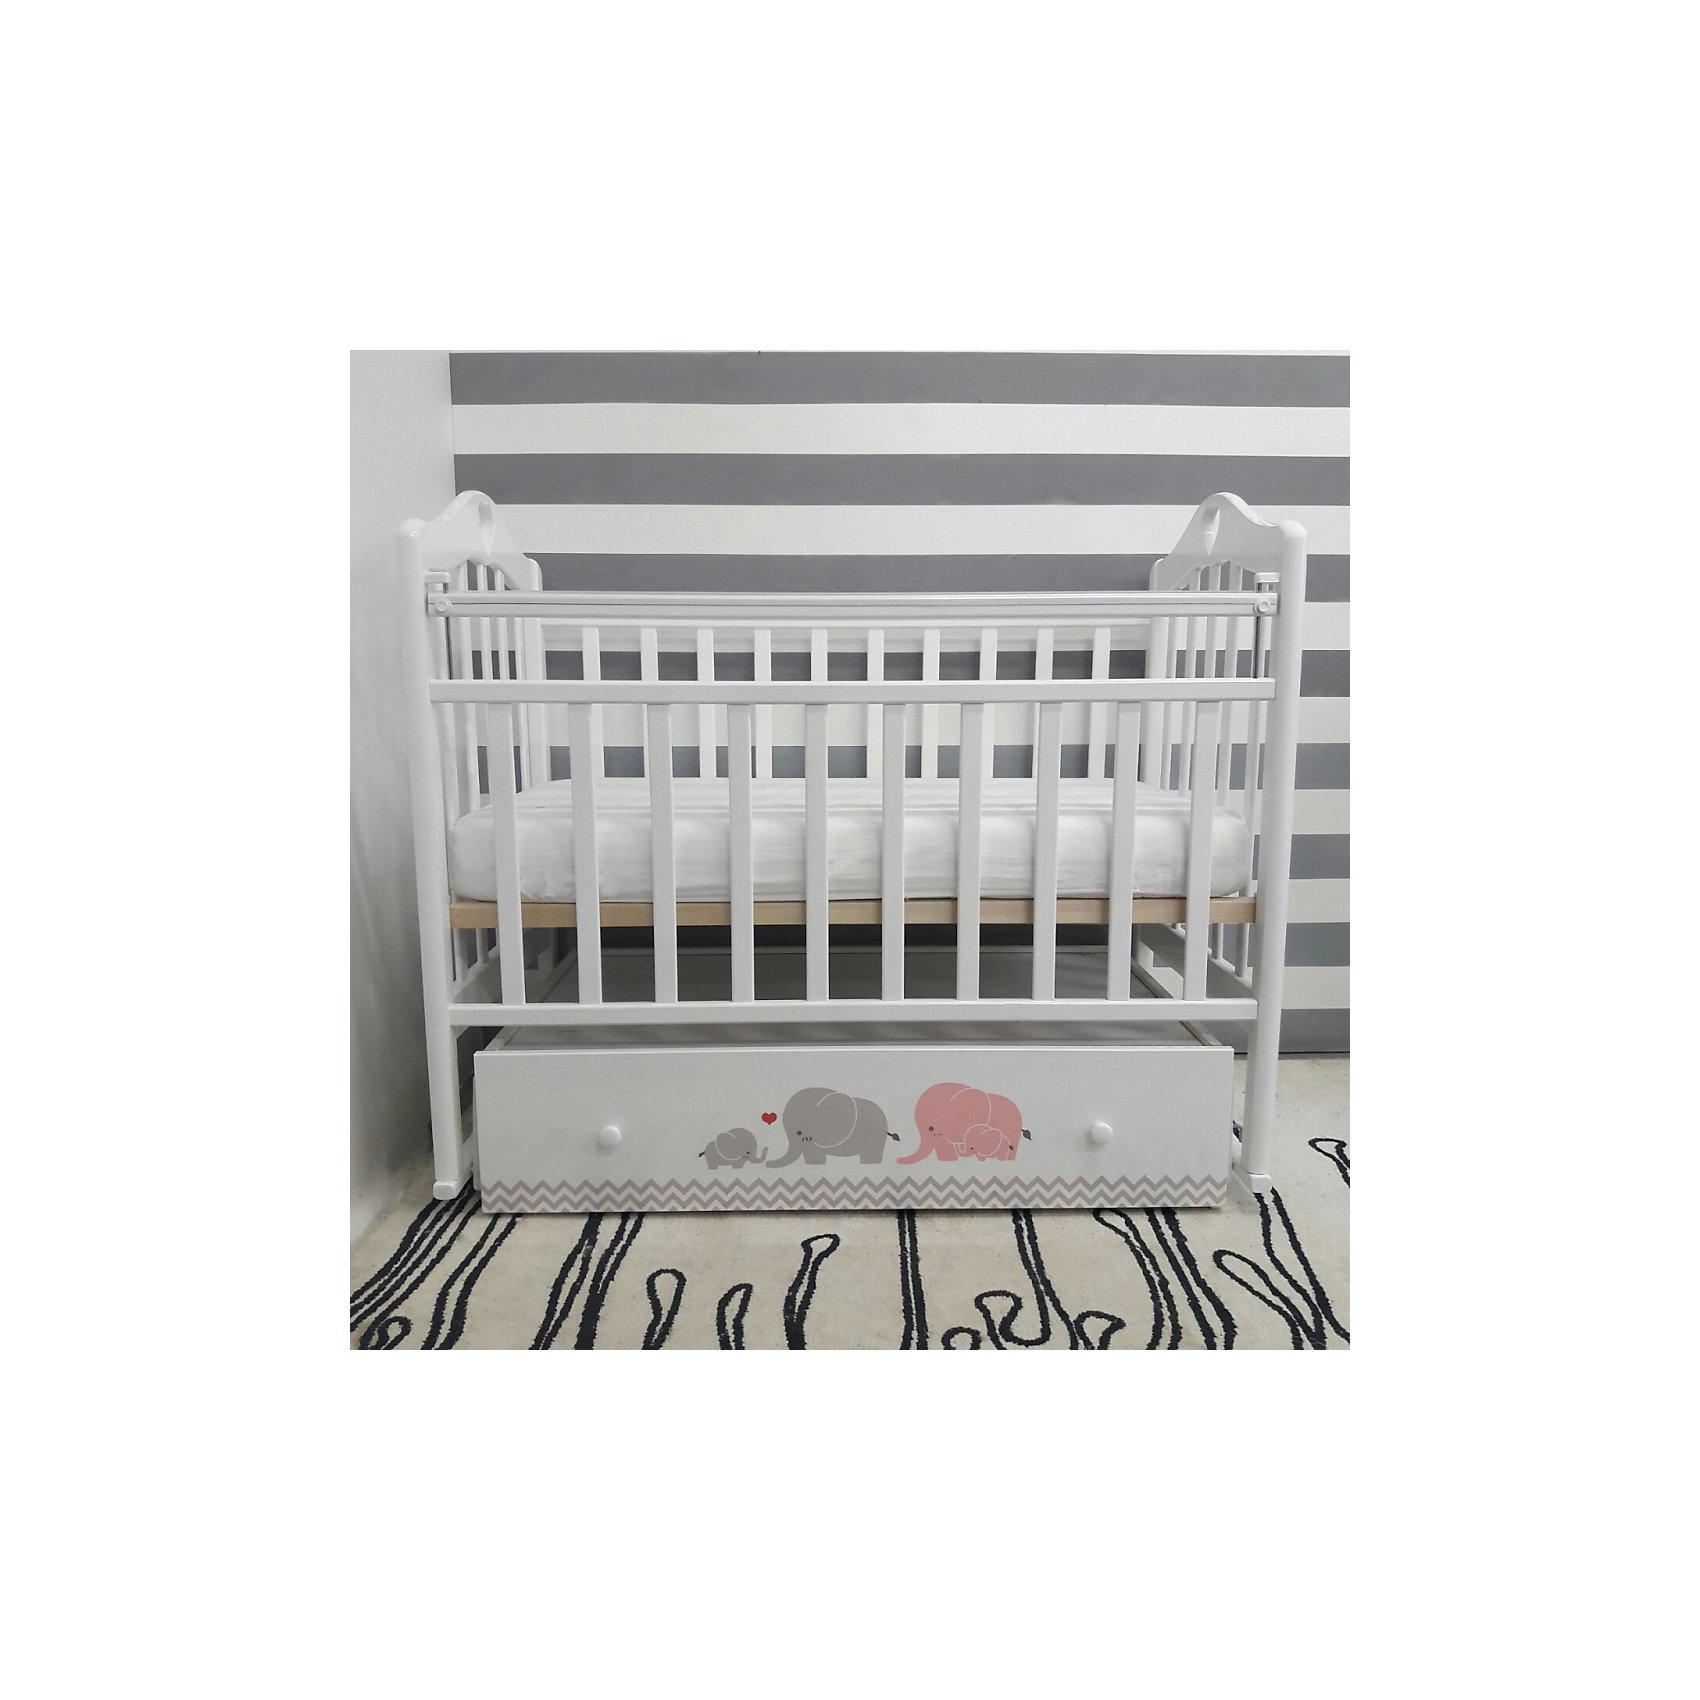 Кроватка Мэри, by Twinz, серый/розовыйКроватки<br>Характеристики:<br><br>• Вид детской мебели: кроватка<br>• Возраст: от 0 месяцев<br>• Пол: универсальный<br>• Размеры кроватки (Д*Ш*В): 125*68*100 см<br>• Тематика рисунка: слоники<br>• Цвет: розовый, серый, белый <br>• Материал: массив березы<br>• Наличие поперечного маятника<br>• Два уровня положения подматрасника<br>• Передняя стенка опускается <br>• Наличие закрытого ящика <br>• Размеры упаковки (Д*Ш*В): 124*14,5*74,5 см<br>• Вес: 35 кг <br>• Особенности ухода: допускается сухая и влажная чистка<br><br>Кроватка Мэри, by Twinz, серый/розовый изготовлена отечественным торговым брендом, выпускающим текстиль и мебель из натуральных материалов для новорожденных и детей. <br><br>Технология производства детской мебели и материалы, используемые при ее изготовлении, отвечают международным и отечественным требованиям безопасности. Массив березы, из которого изготовлена кроватка, окрашен нетоксичными и гипоаллергенными красками и обработан лаком. Кроватка оснащена поперечным маятником, что создает естественные условия для мягкого укачивания малыша. <br><br>Реечный подматрасник имеет ортопедическую форму, передняя стенка при нажатии на кнопки сбоку плавно и бесшумно опускается. В комплекте предусмотрен вместительный закрытые ящик, в котором можно хранить белье или игрушки. Ящик декорирован брендовым рисунком: бирюзово-розовые слоны придают мебели особую изысканность и оригинальность. <br><br>Кроватку Мэри, by Twinz, серый/розовый можно купить в нашем интернет-магазине.<br><br>Ширина мм: 1240<br>Глубина мм: 745<br>Высота мм: 145<br>Вес г: 35000<br>Возраст от месяцев: 0<br>Возраст до месяцев: 36<br>Пол: Женский<br>Возраст: Детский<br>SKU: 5491525